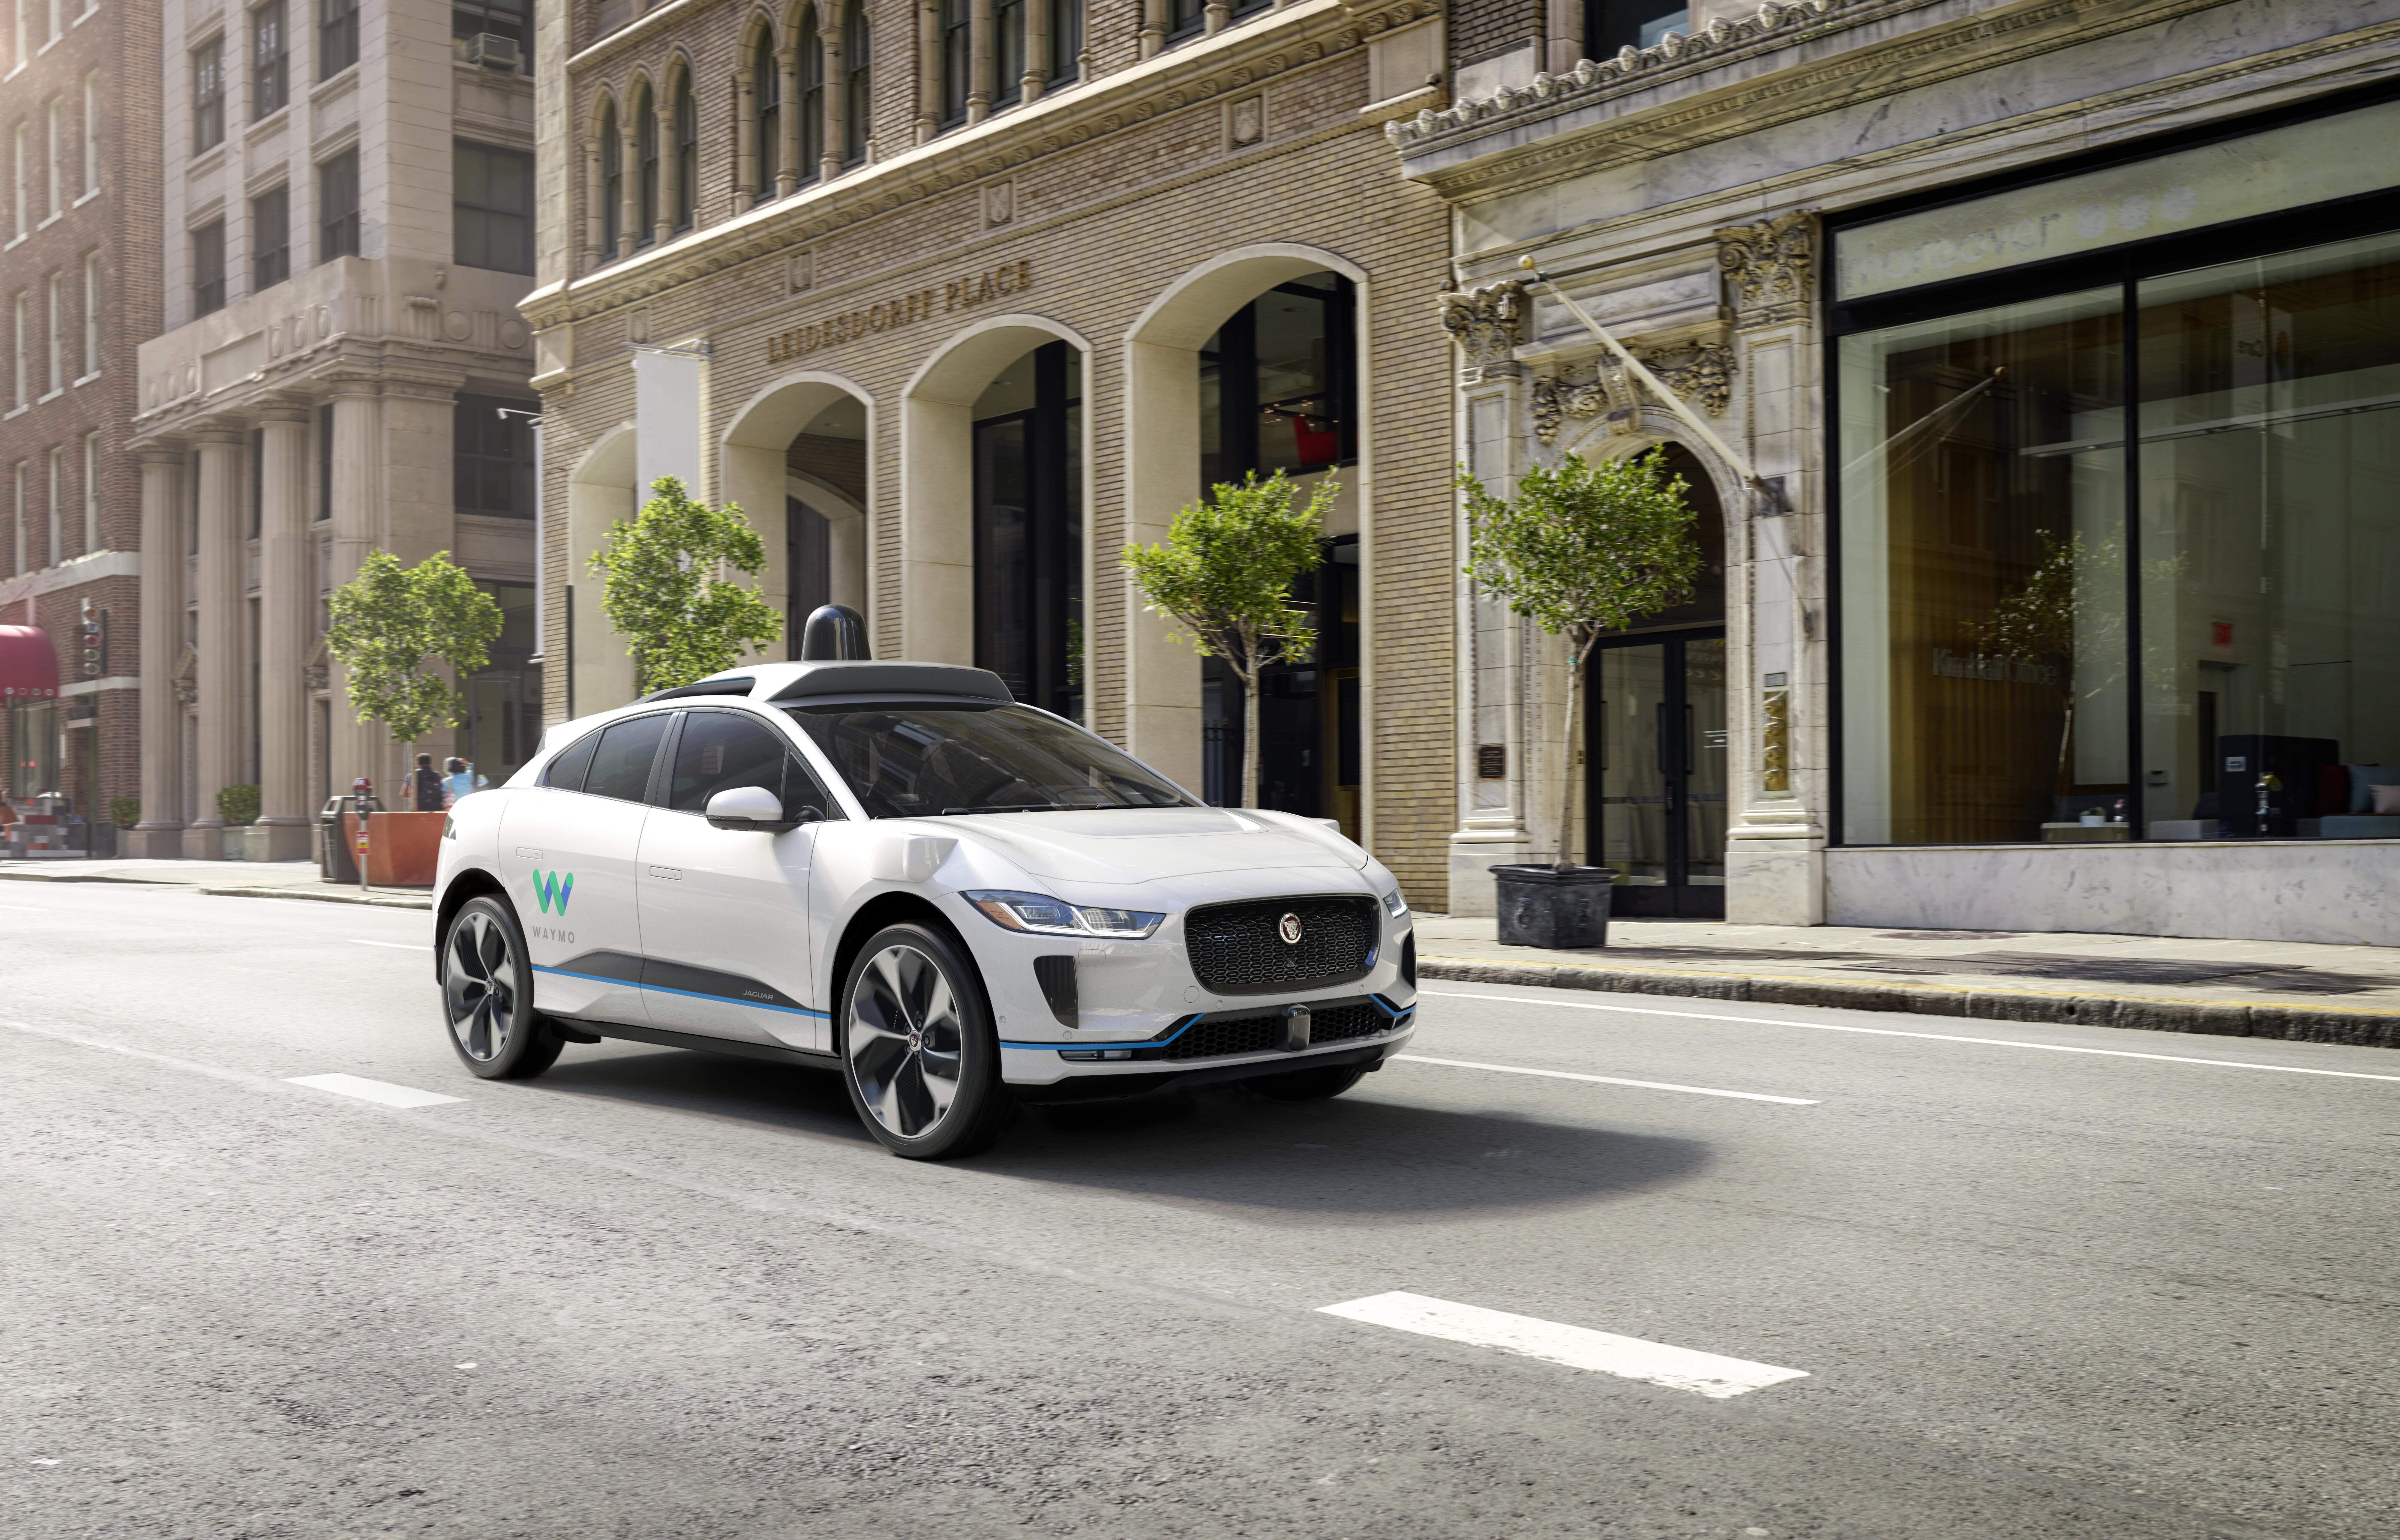 A driverless Jaguar with the Waymo logo